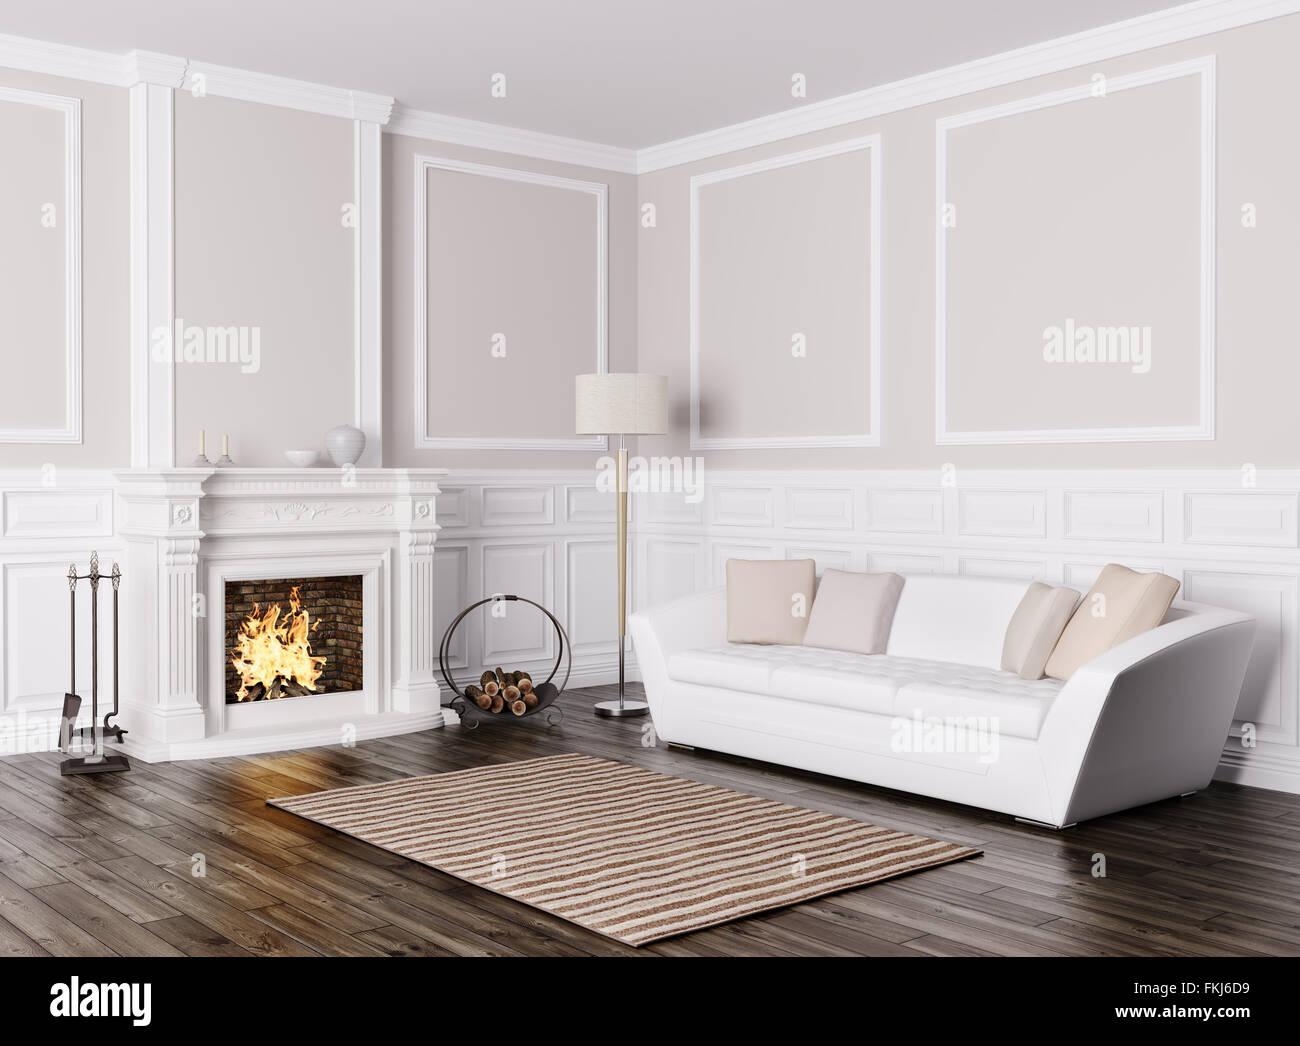 Klassische inneneinrichtung aus wohnzimmer mit sofa und kamin 3d rendering stockfoto bild - Klassische wohnzimmer ...